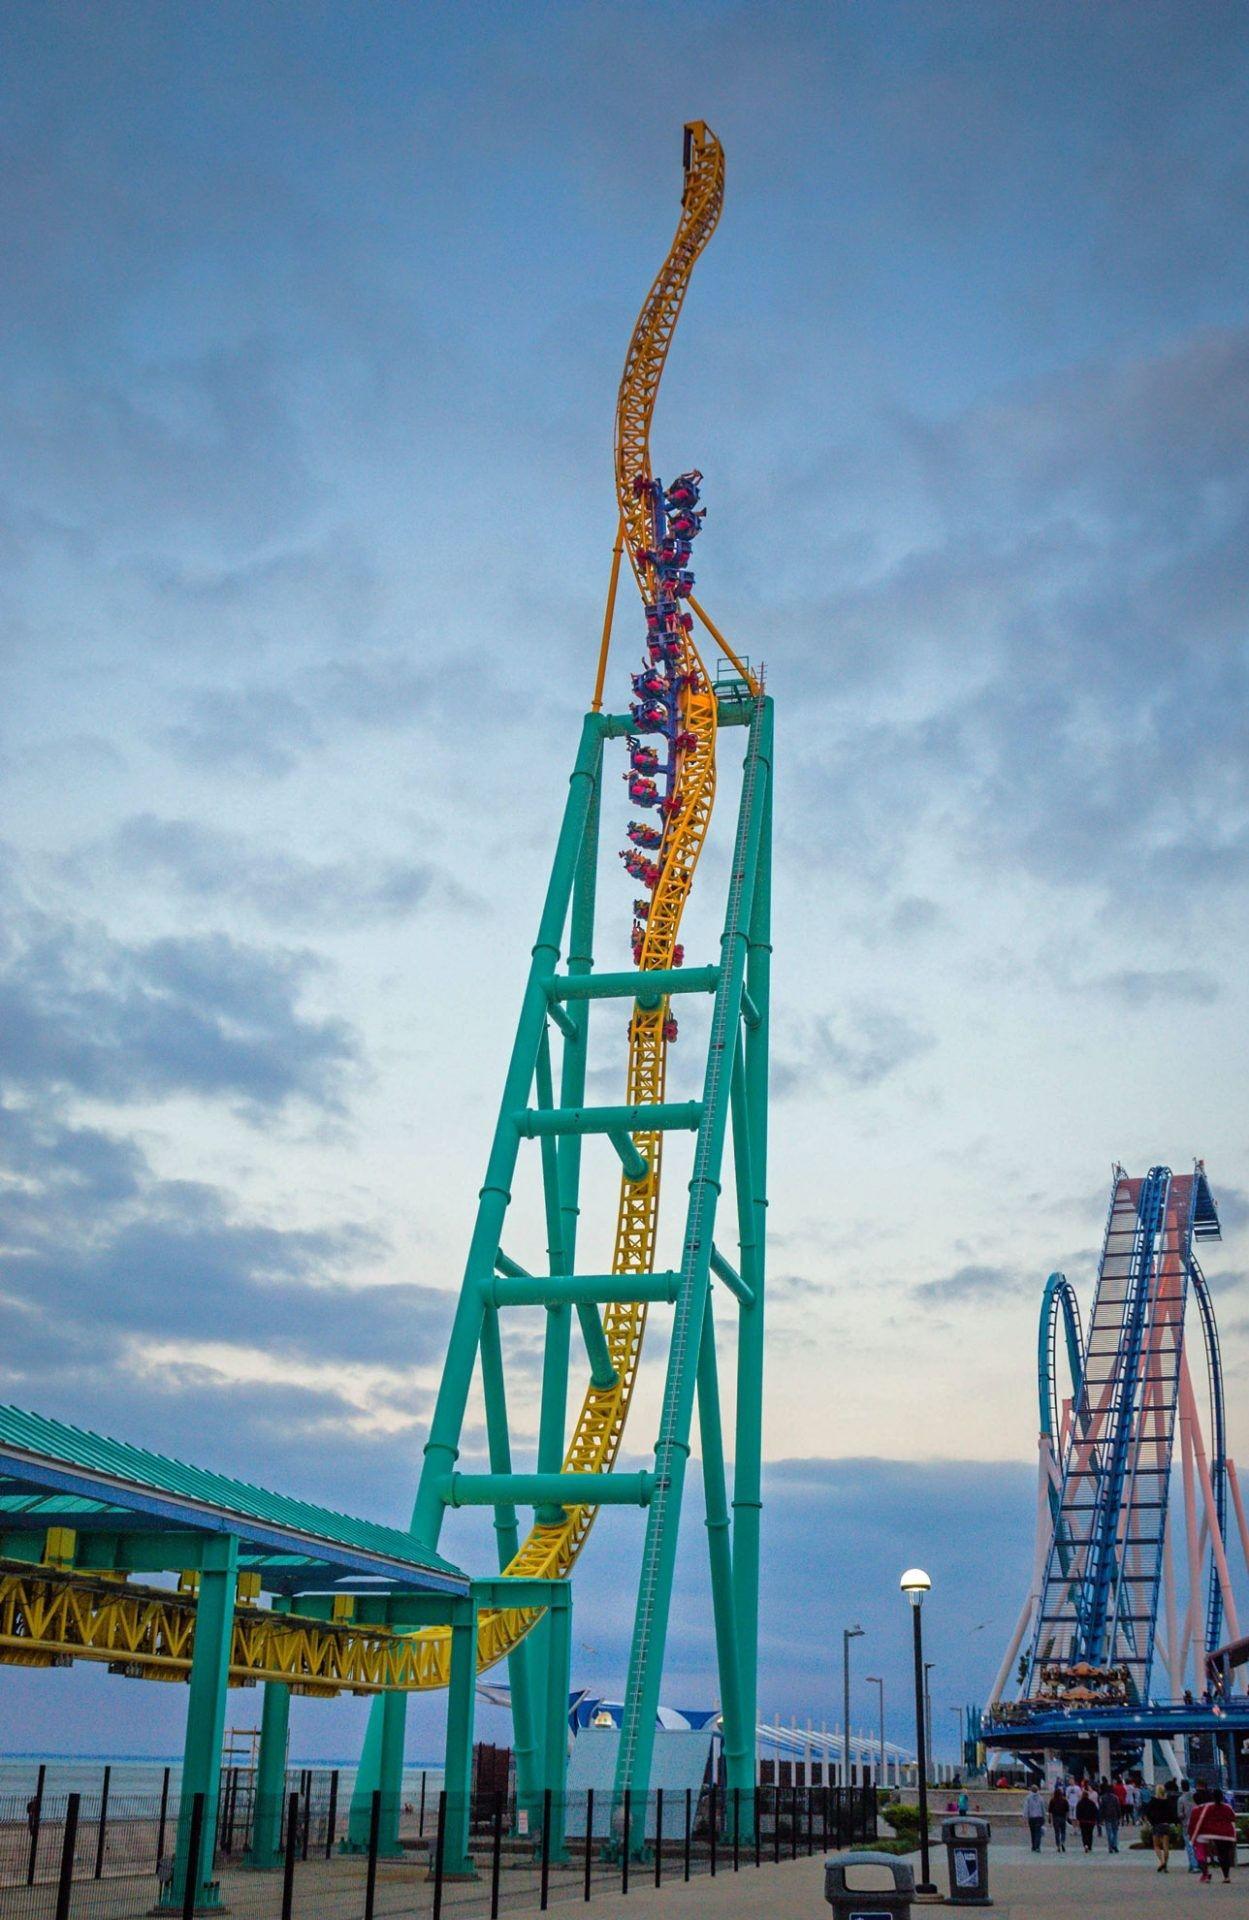 Cedar Point Cedar Point Roller Coasters Cedar Point Cedar Point Amusement Park